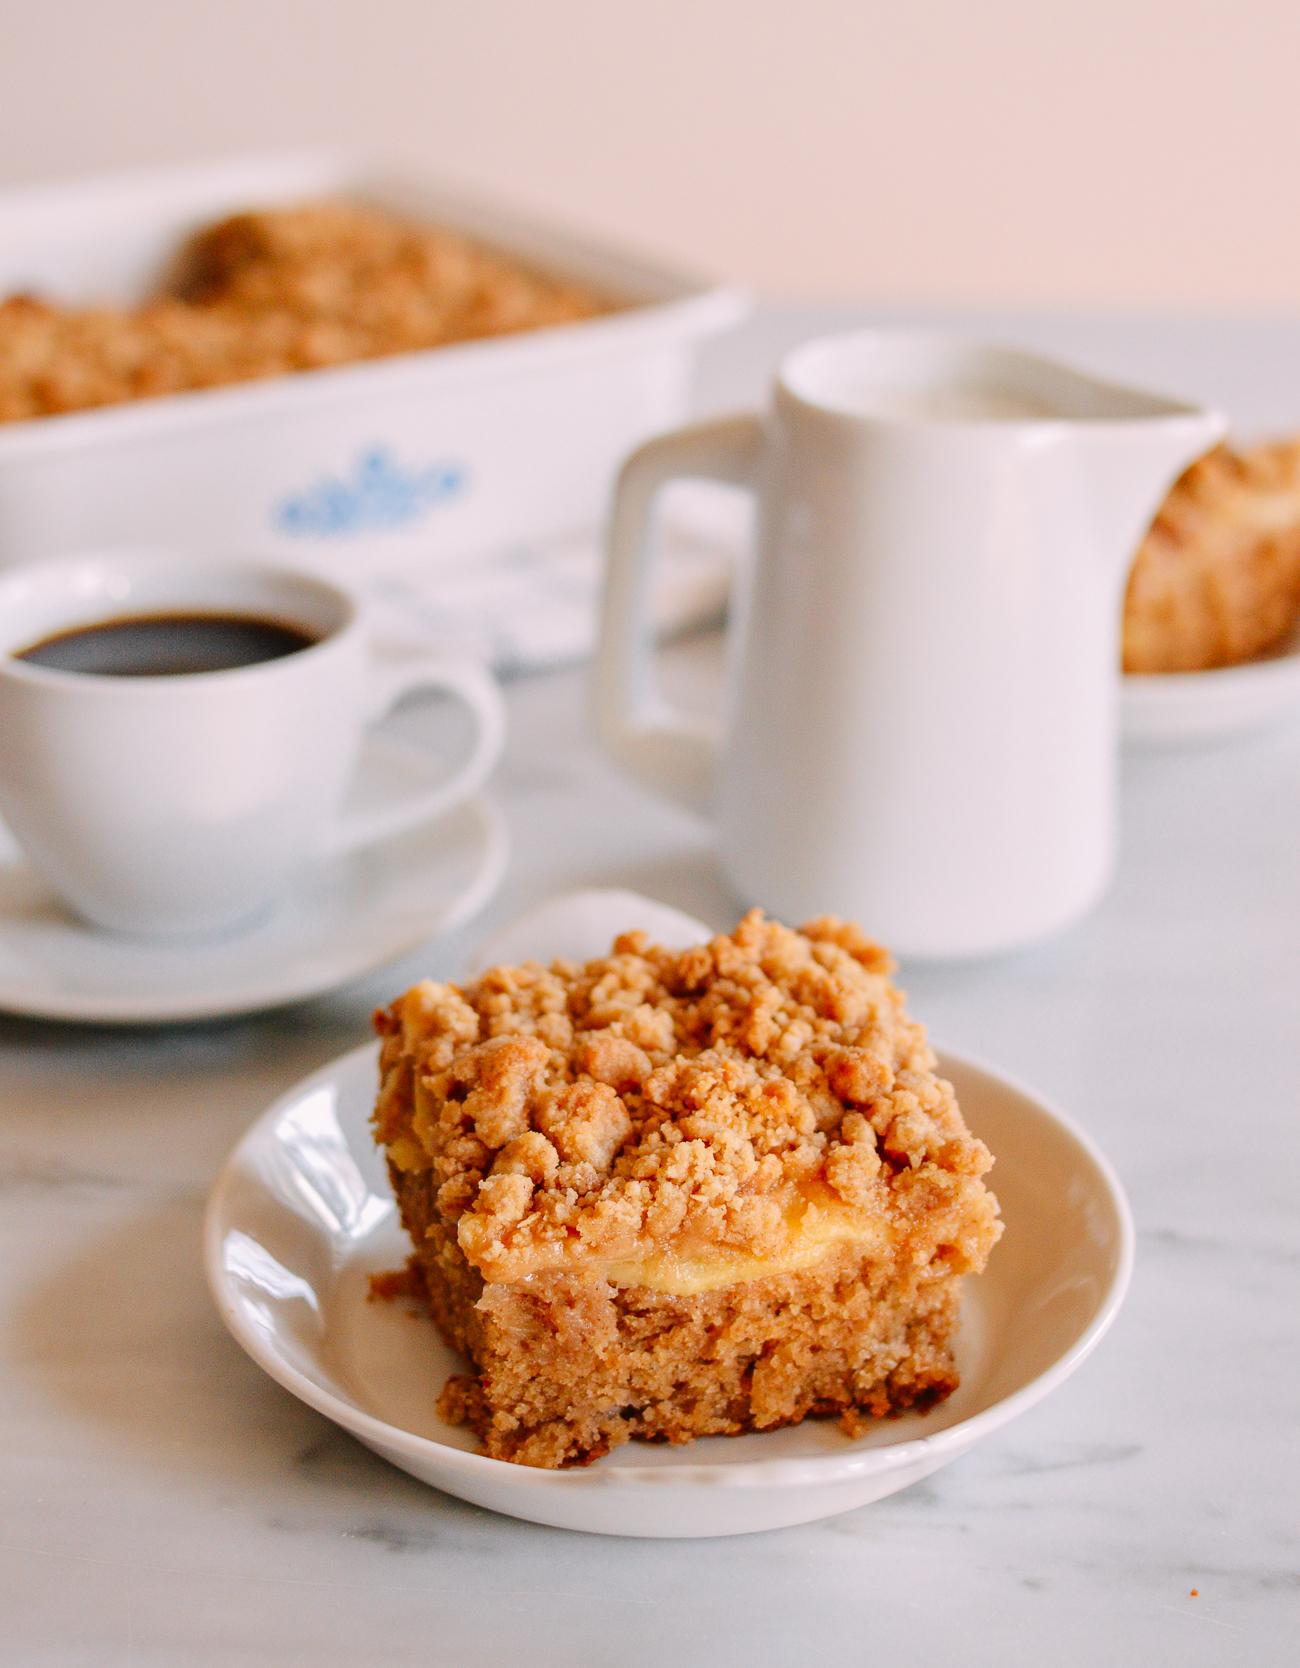 Slice of apple cinnamon coffee cake